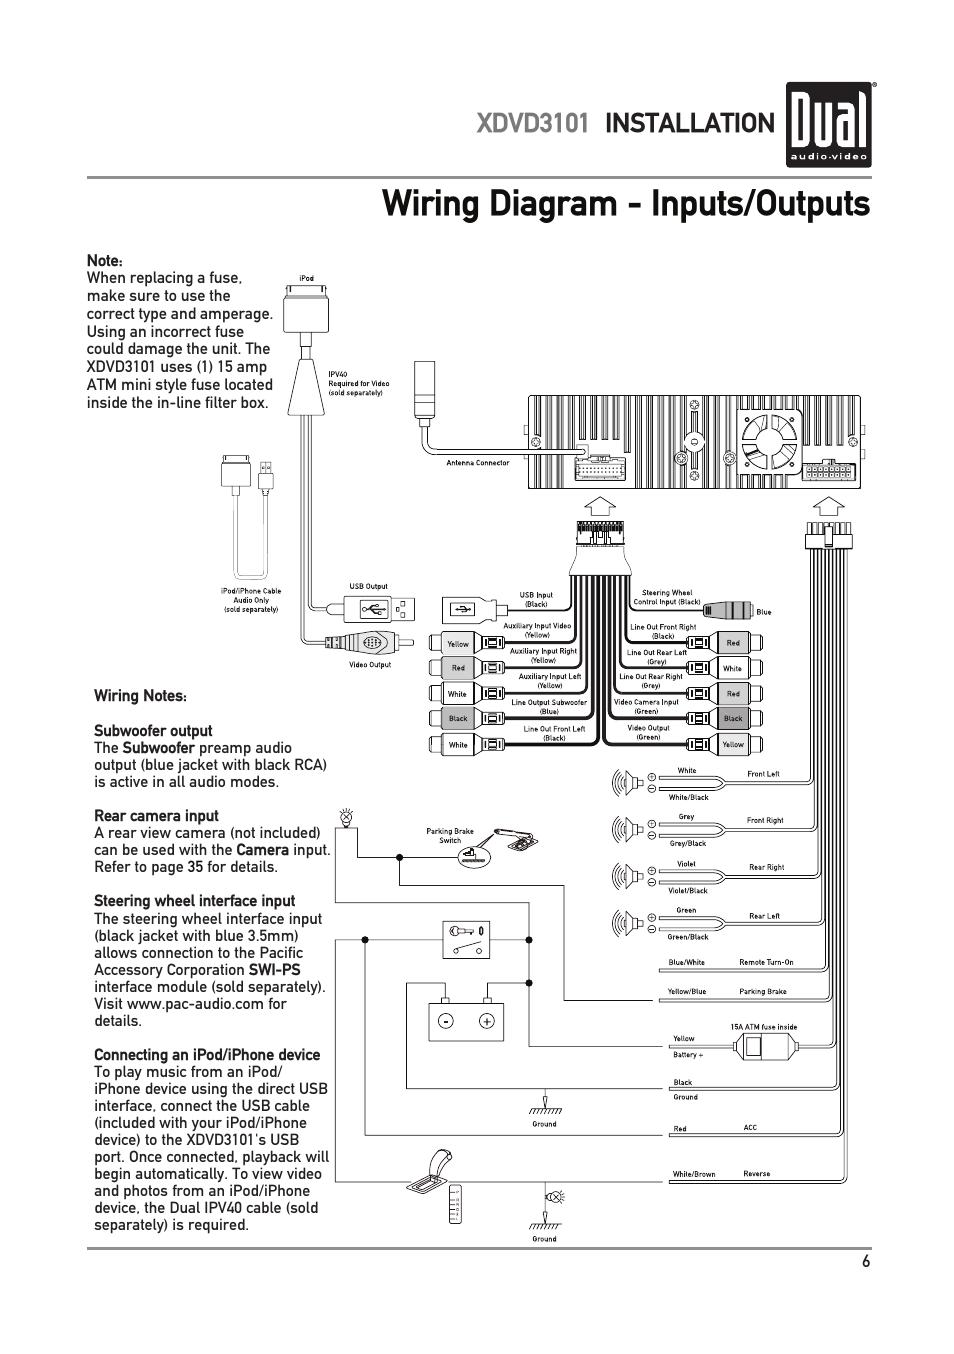 2015 Subaru Dual Usb Wiring Diagram Manual Guide